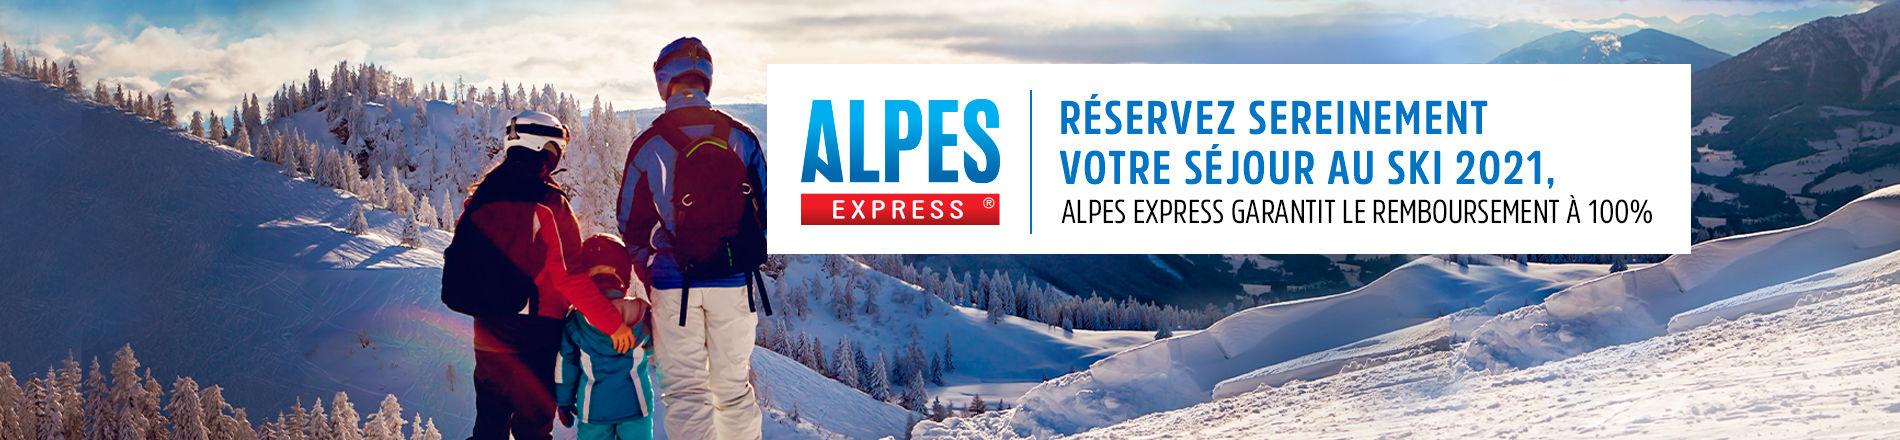 Séjours à la neige avec Alpes Express, spécialiste des séjours à la montagne dans les Alpes